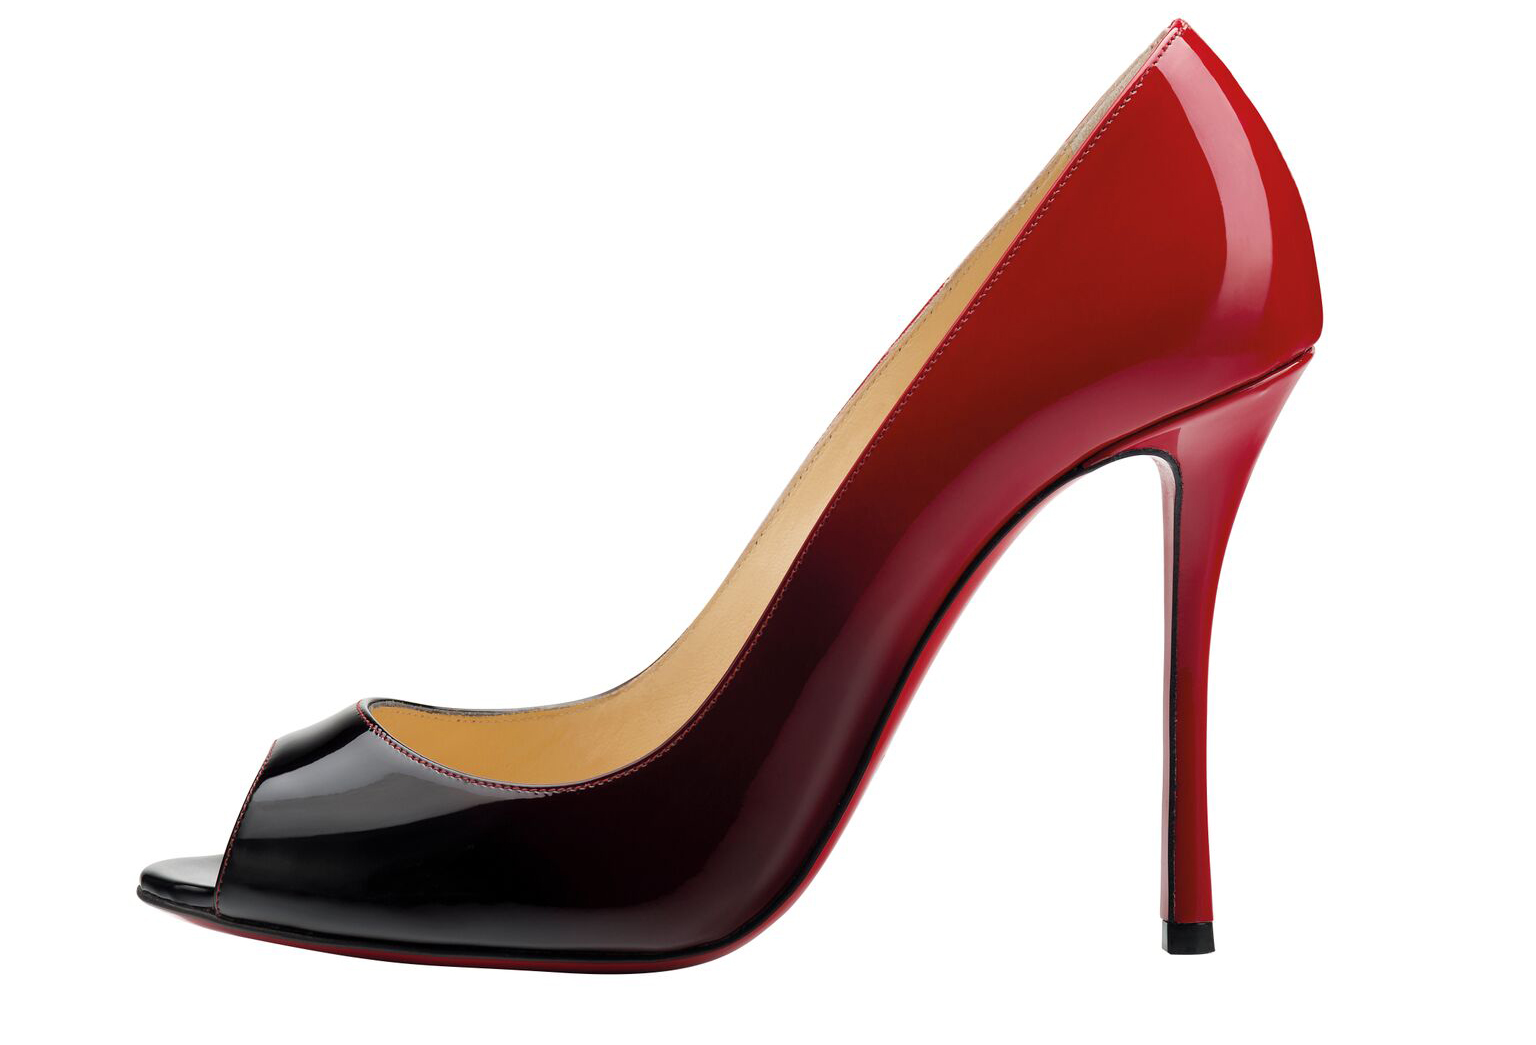 Christian Louboutin Yootish 100 Patent Degrade Black Red Pump